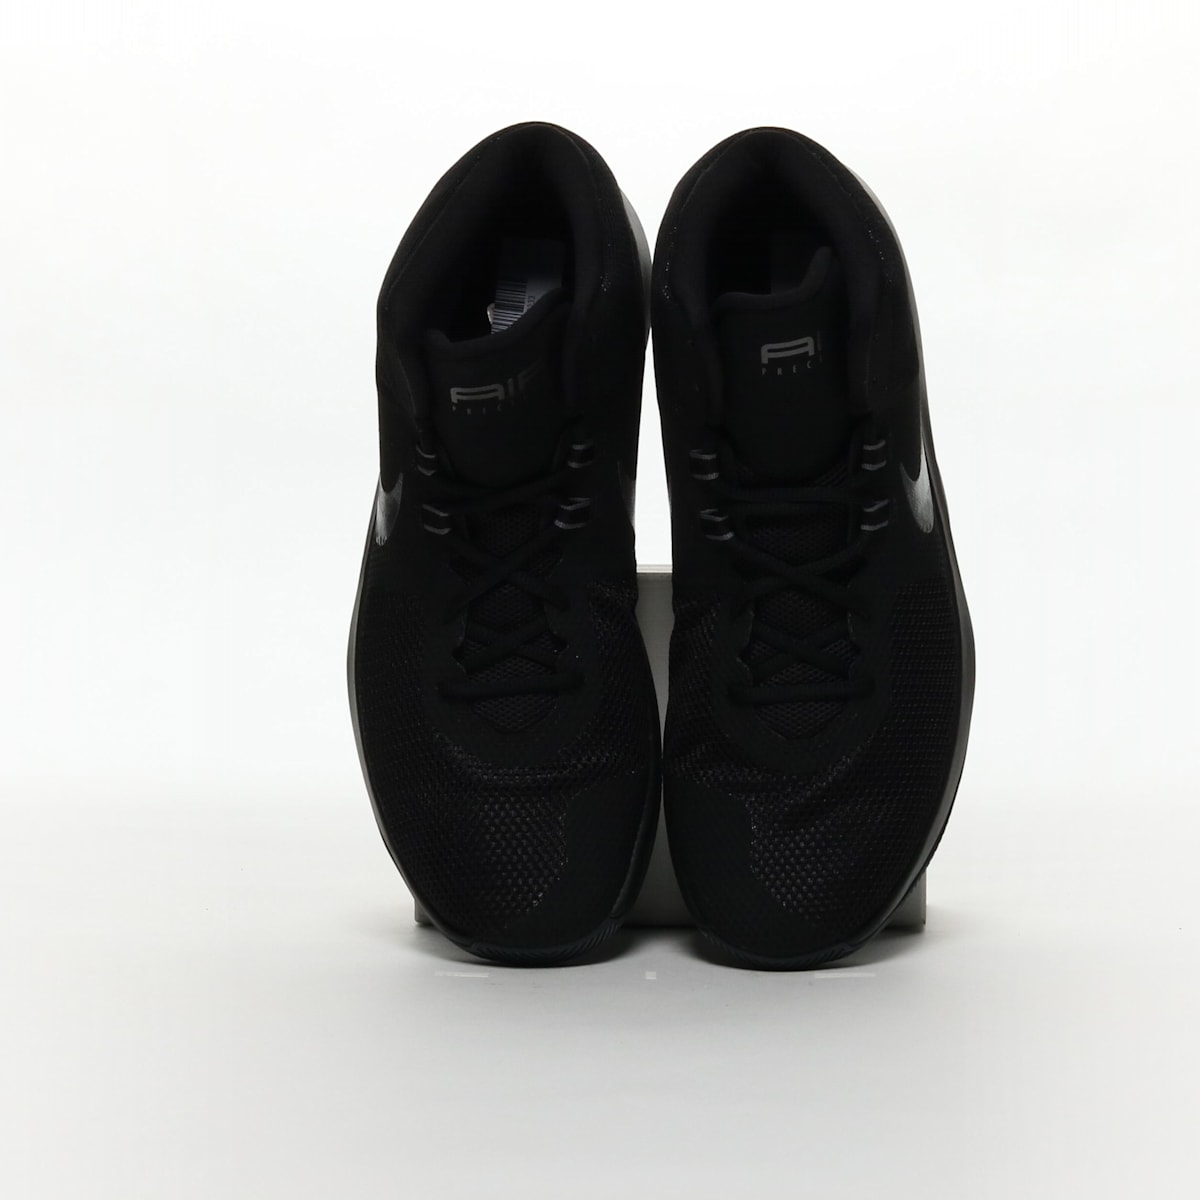 Nike air precision nbk